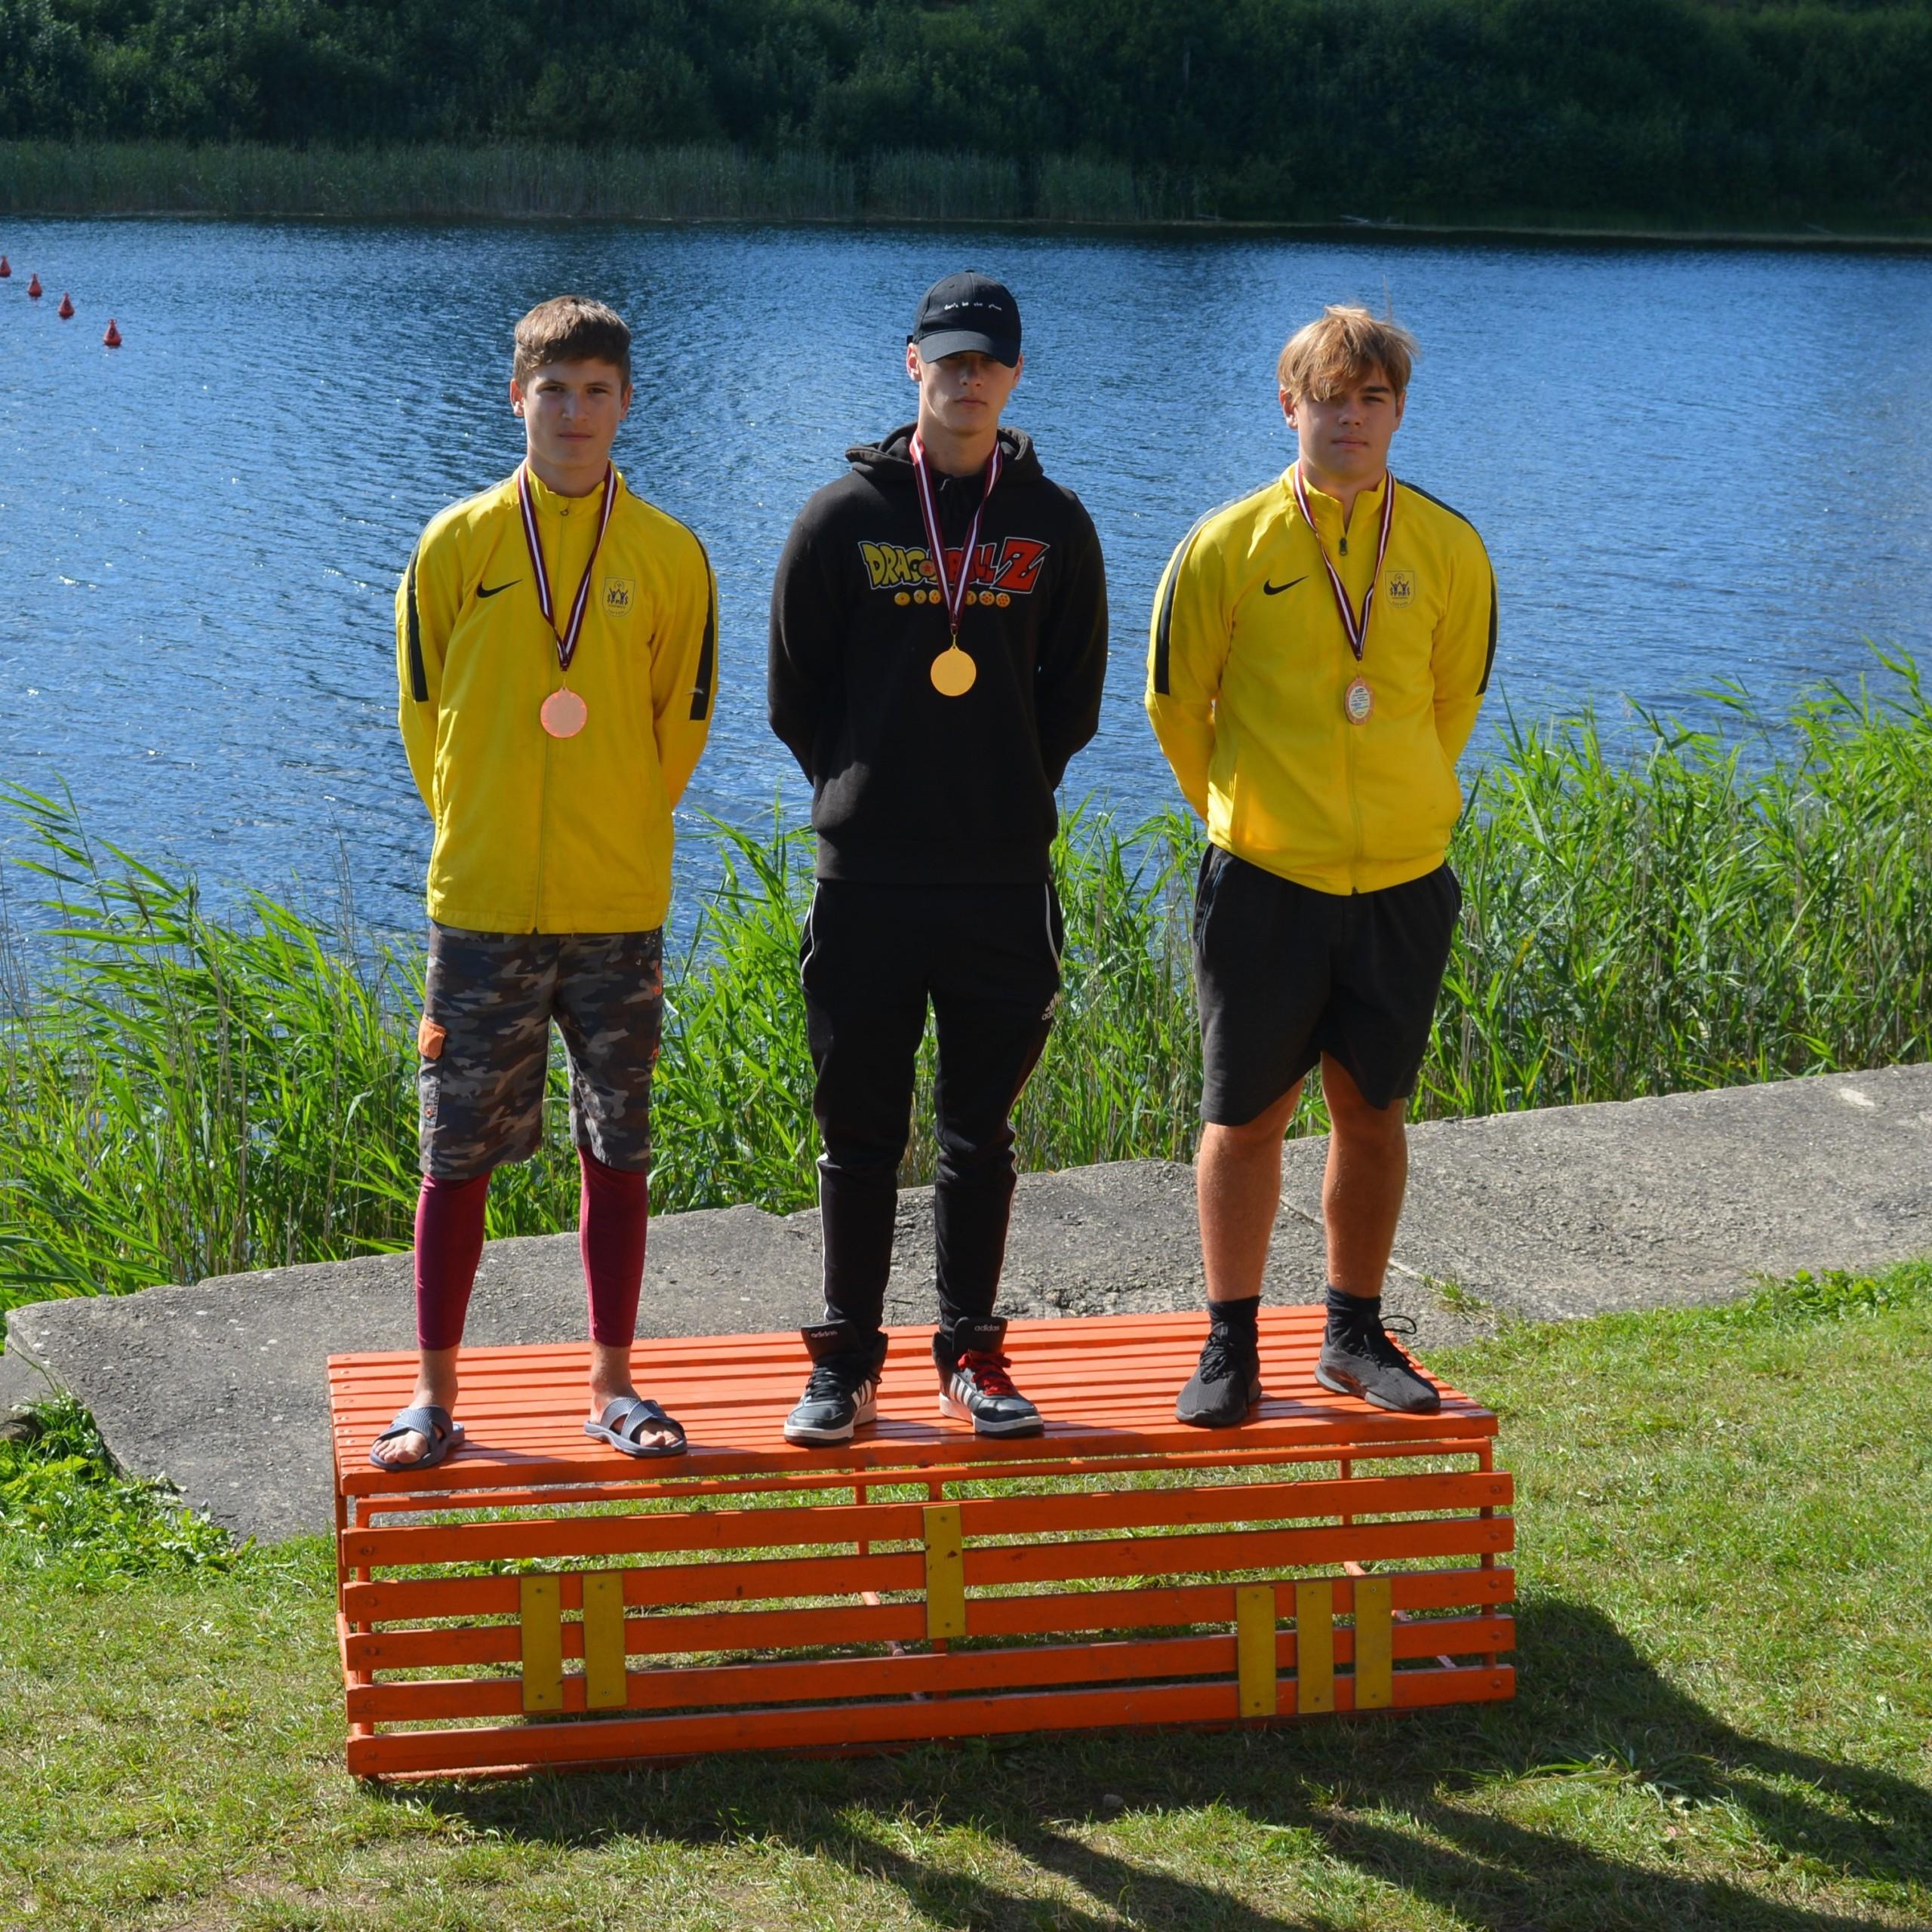 Gūti panākumi Latvijas čempionātā smaiļošanā un kanoe airēšanā